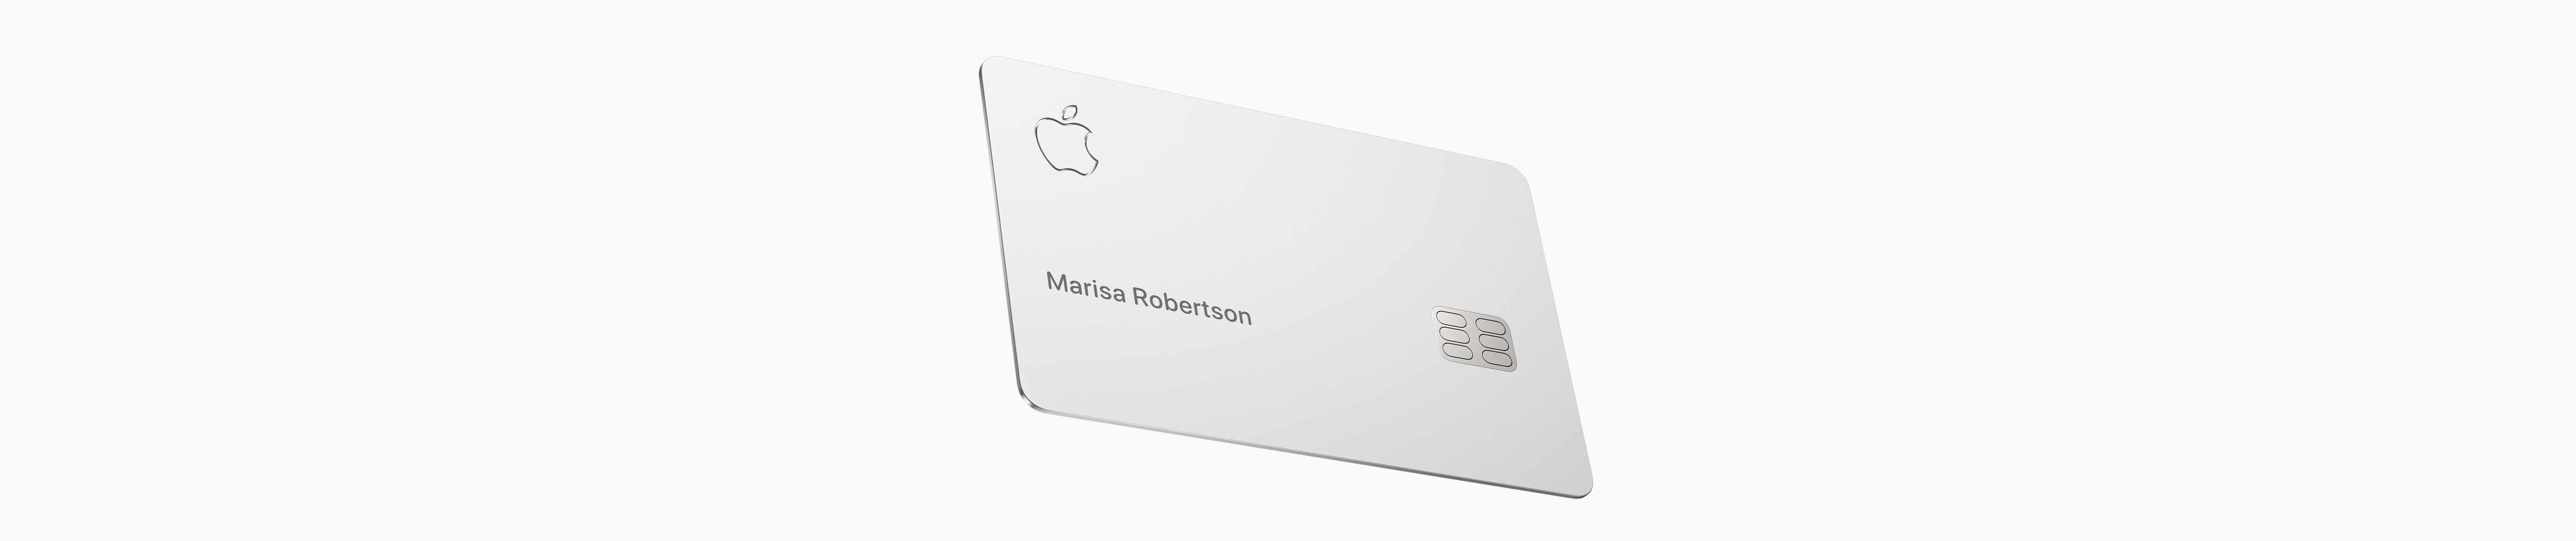 Apple Card już jest, ale na razie tylko dla wybranych